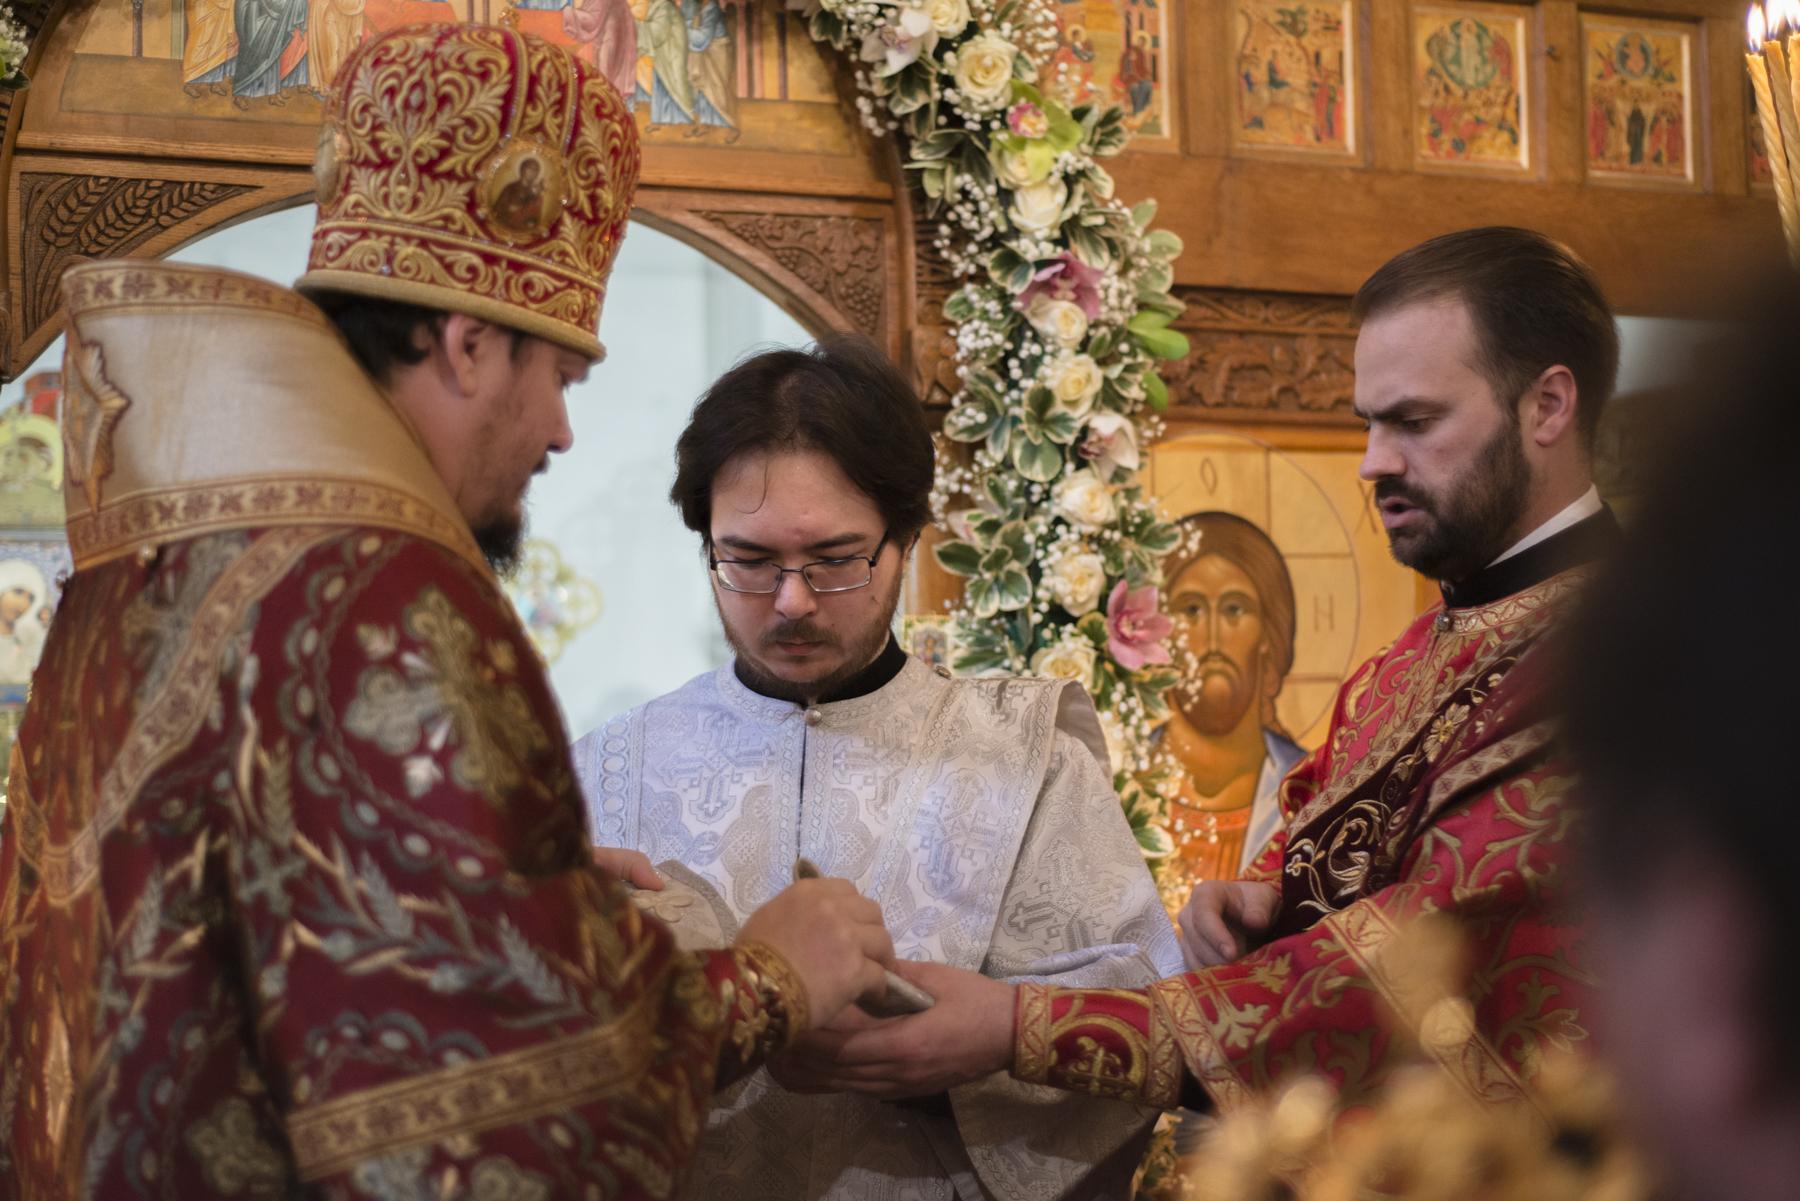 Mgr Nestor, évêque de Chersonèse, a présidé les solennités de la fête onomastique de la paroisse des Saints Nouveaux Martyrs à Vanves